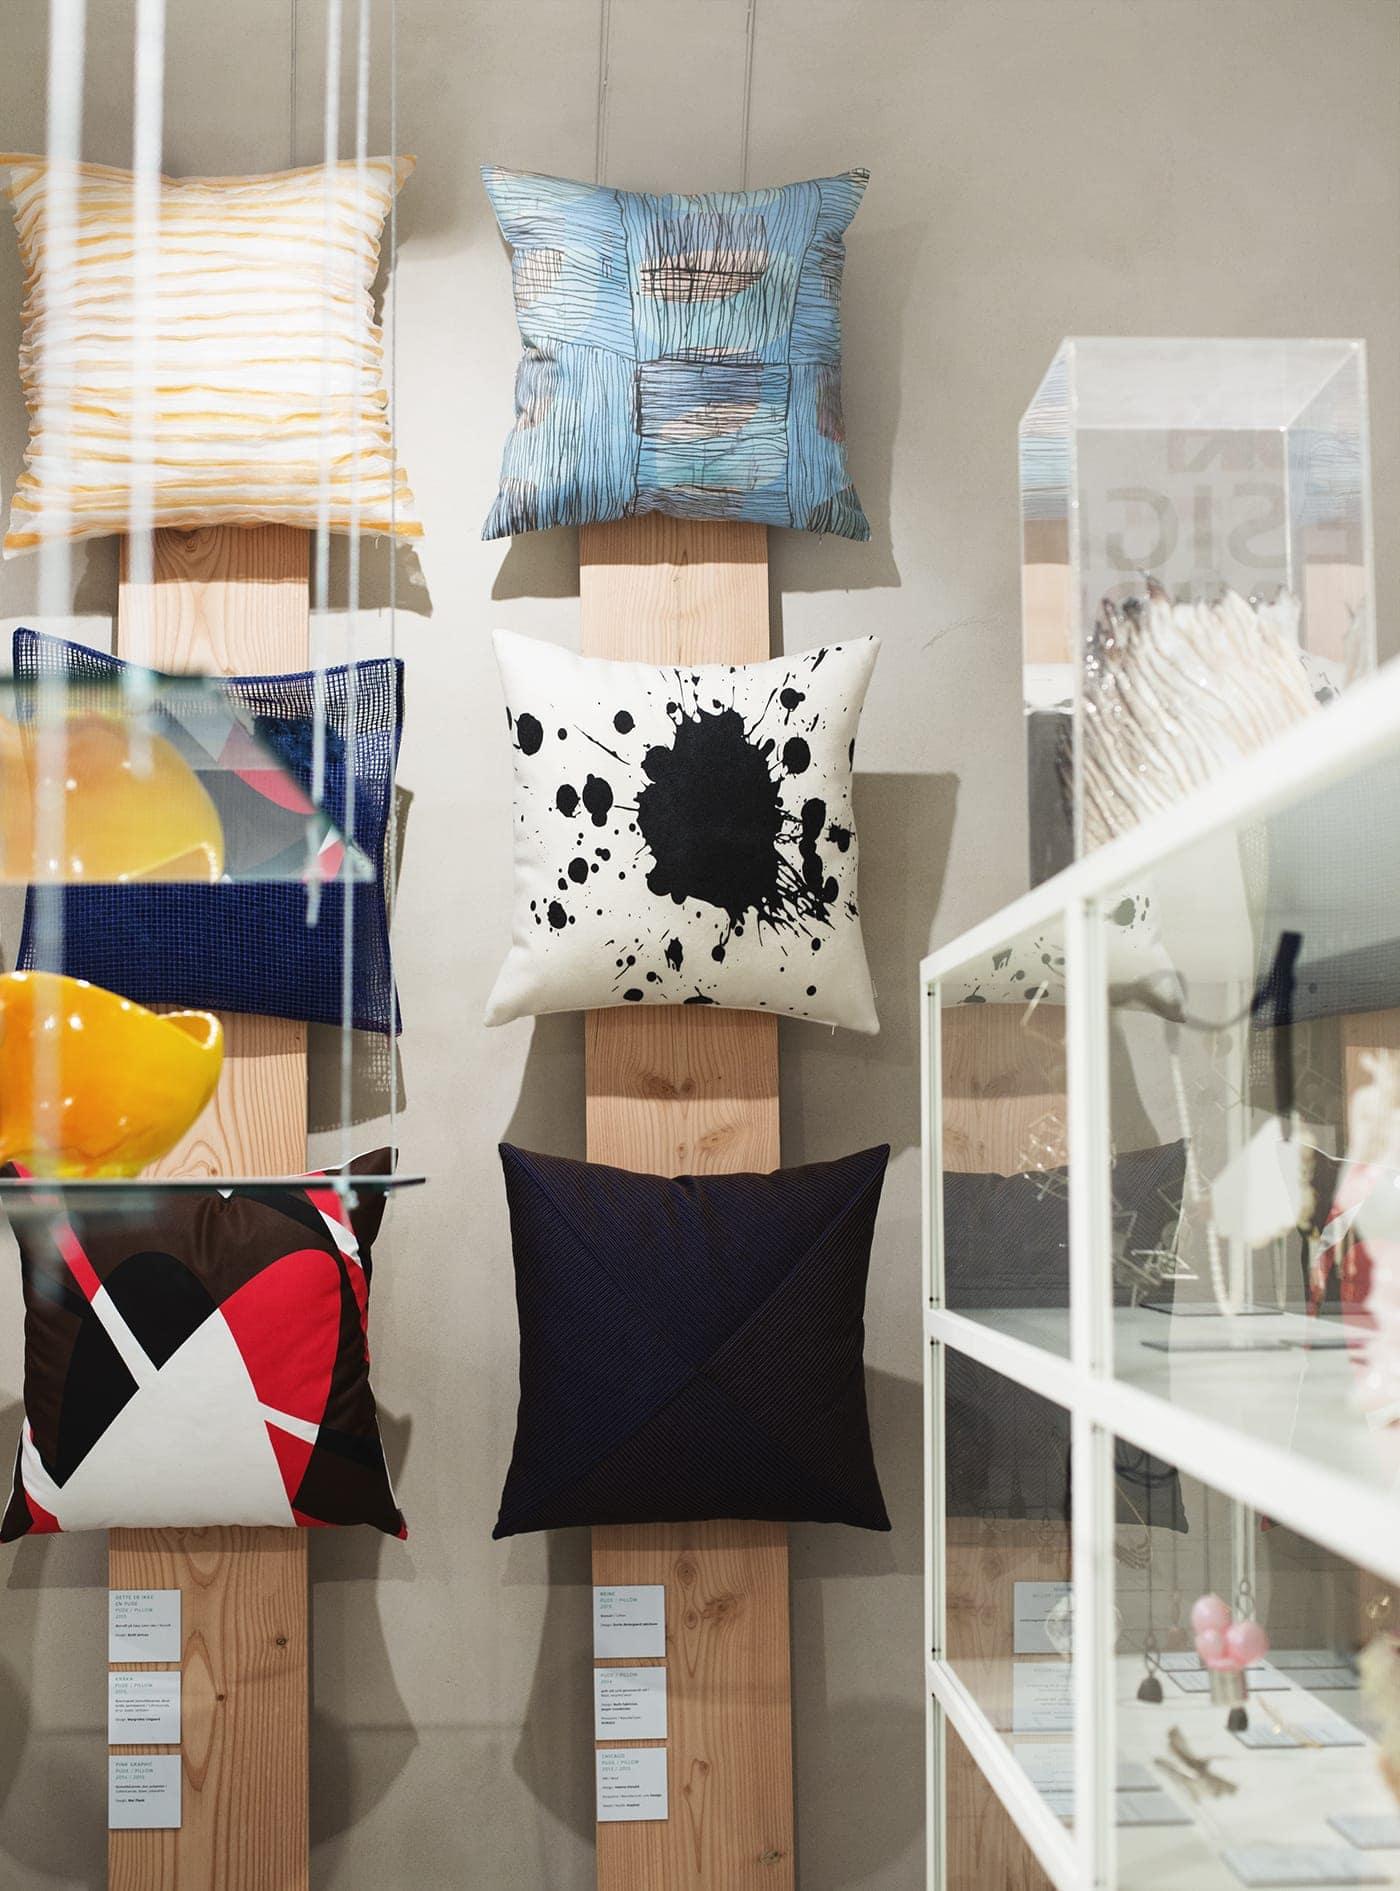 Copenhagen | wanderlust | the design museum textiles